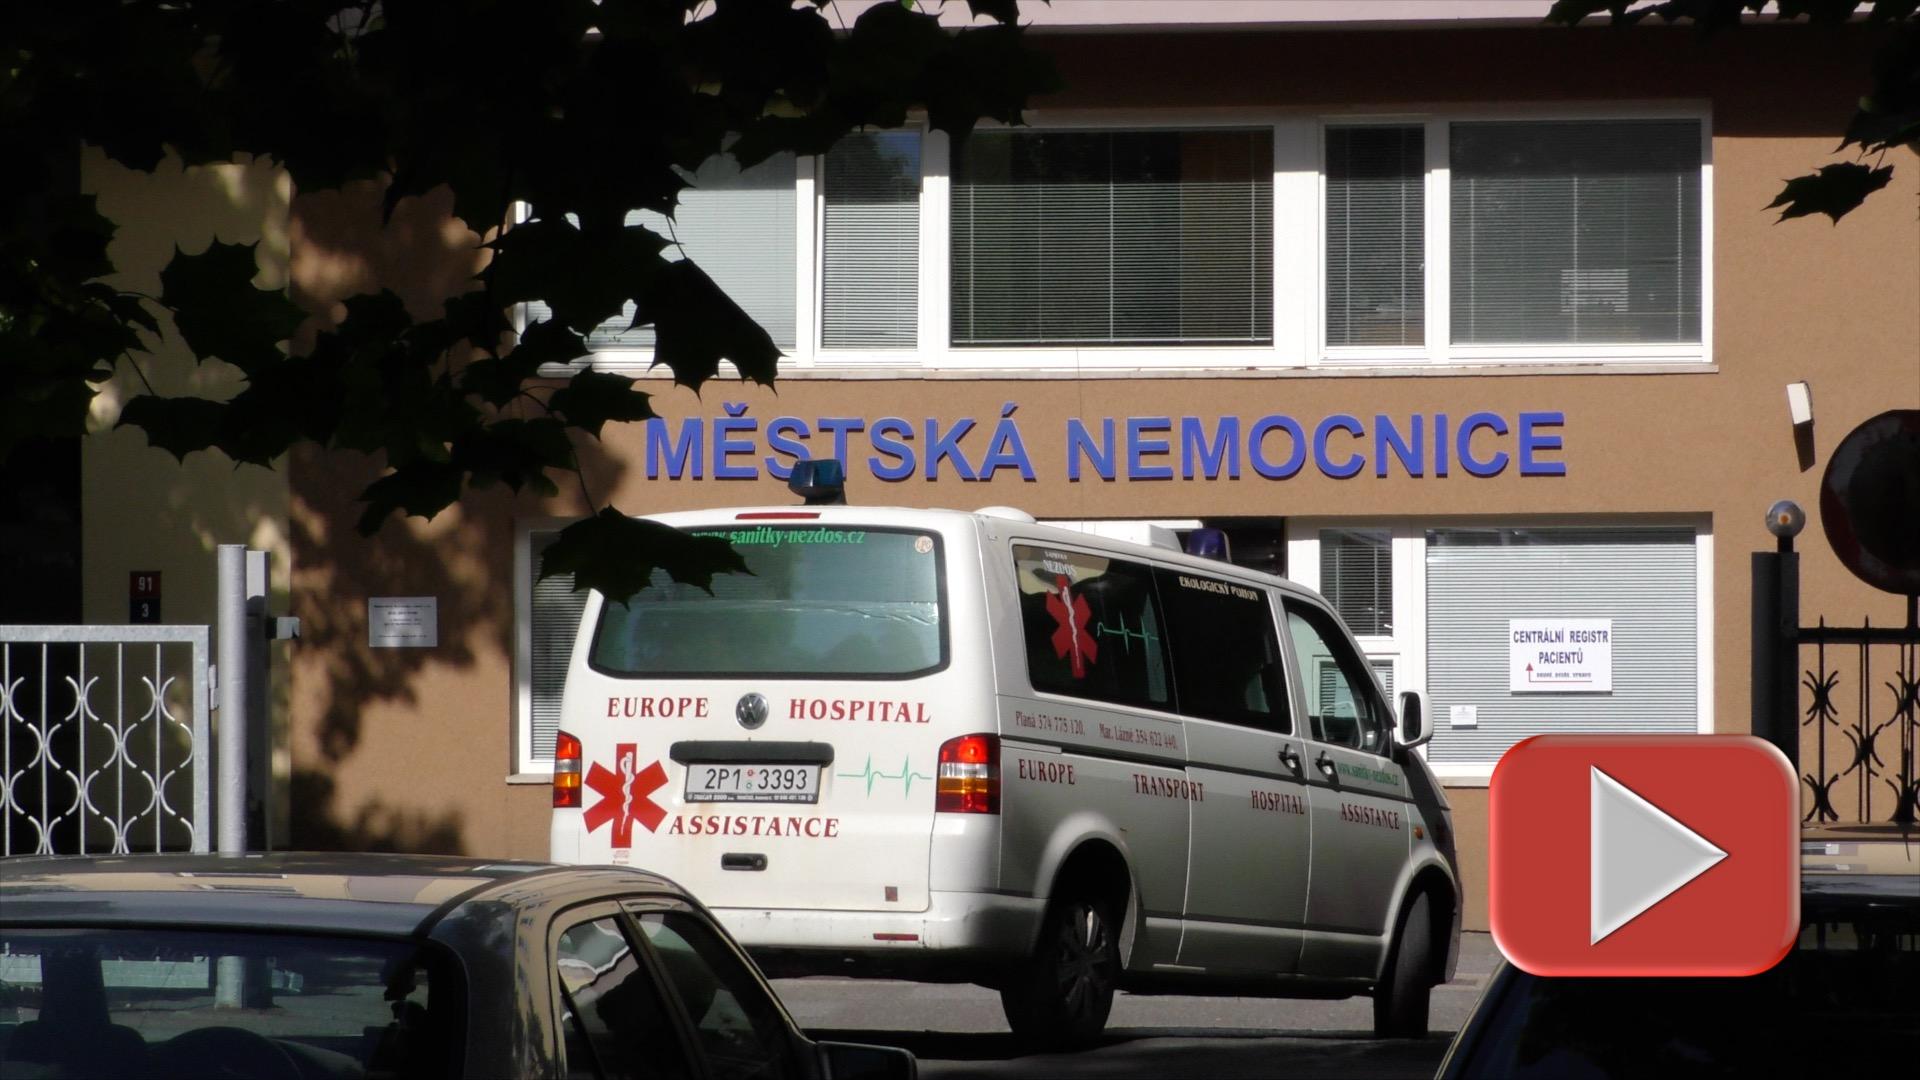 Lékař spěchal k pacientovi v bezvědomí, nedočkavý řidič mu přejel nohu